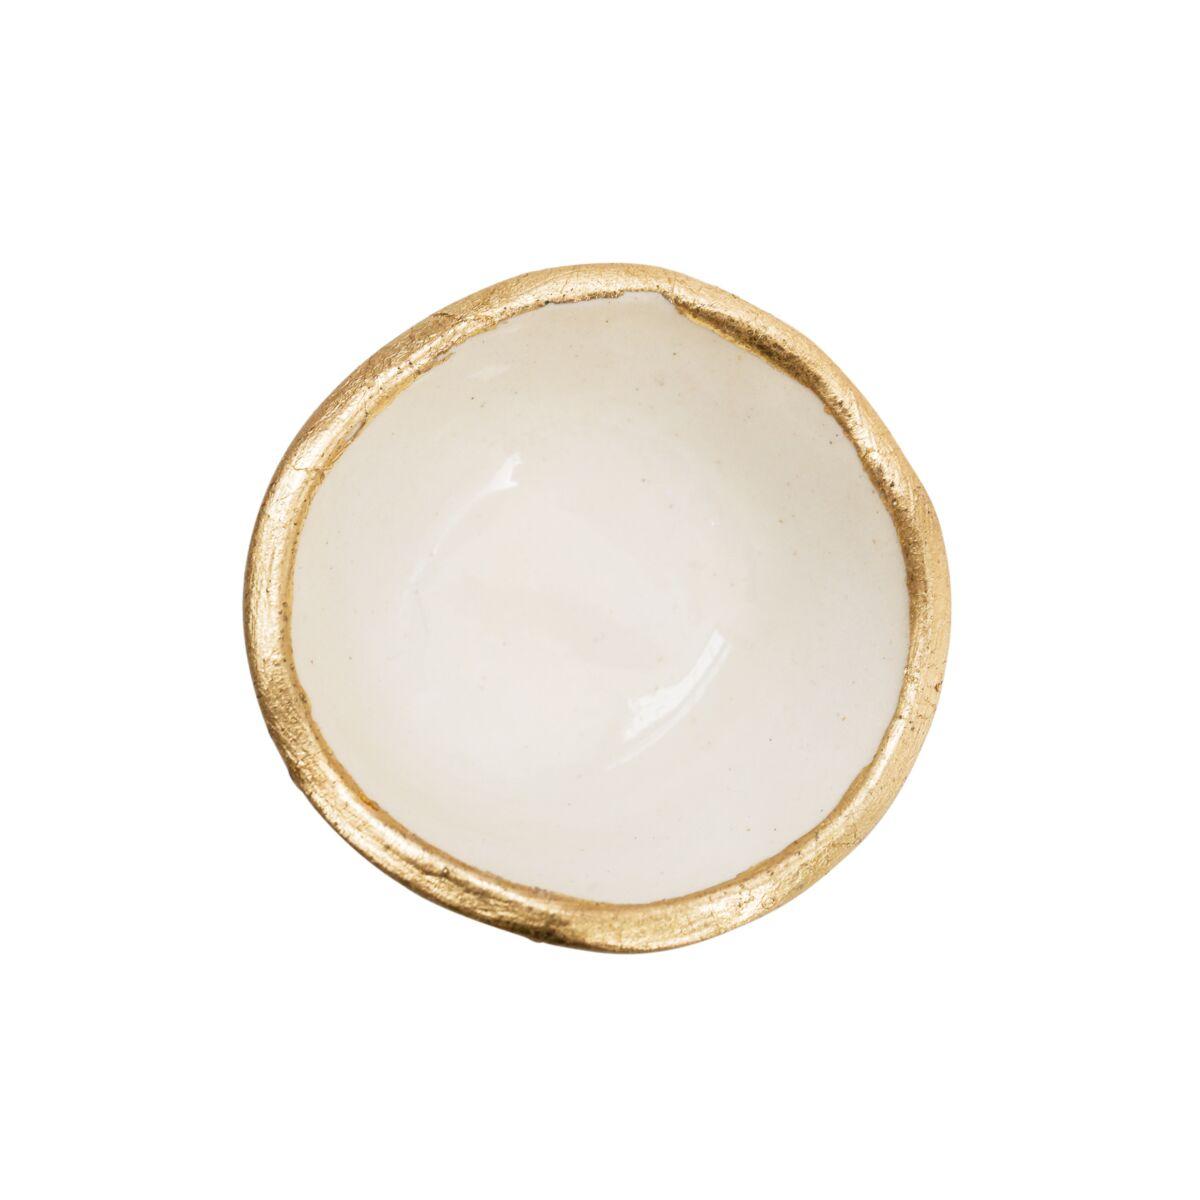 Extra Tiny Gold Lip Dish image